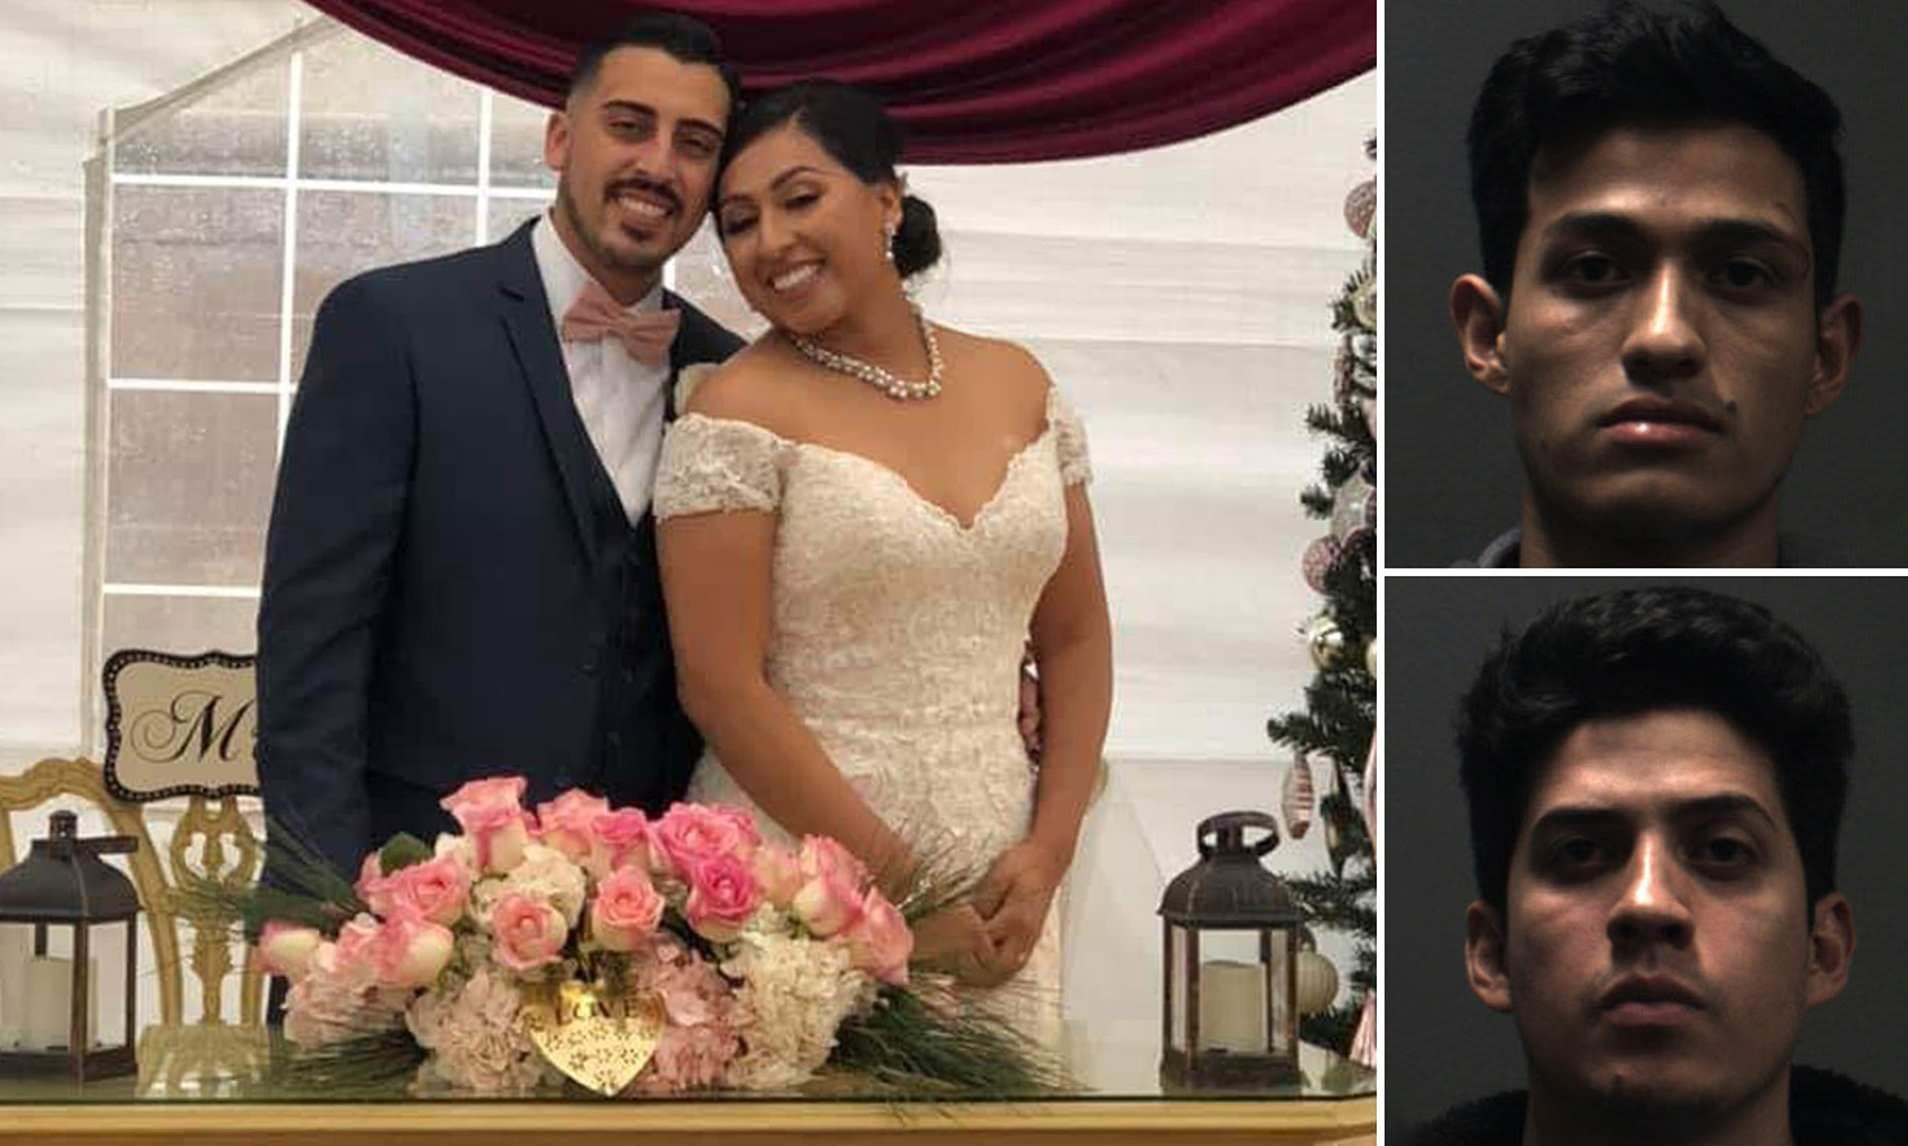 Crónica boda asesinan novio